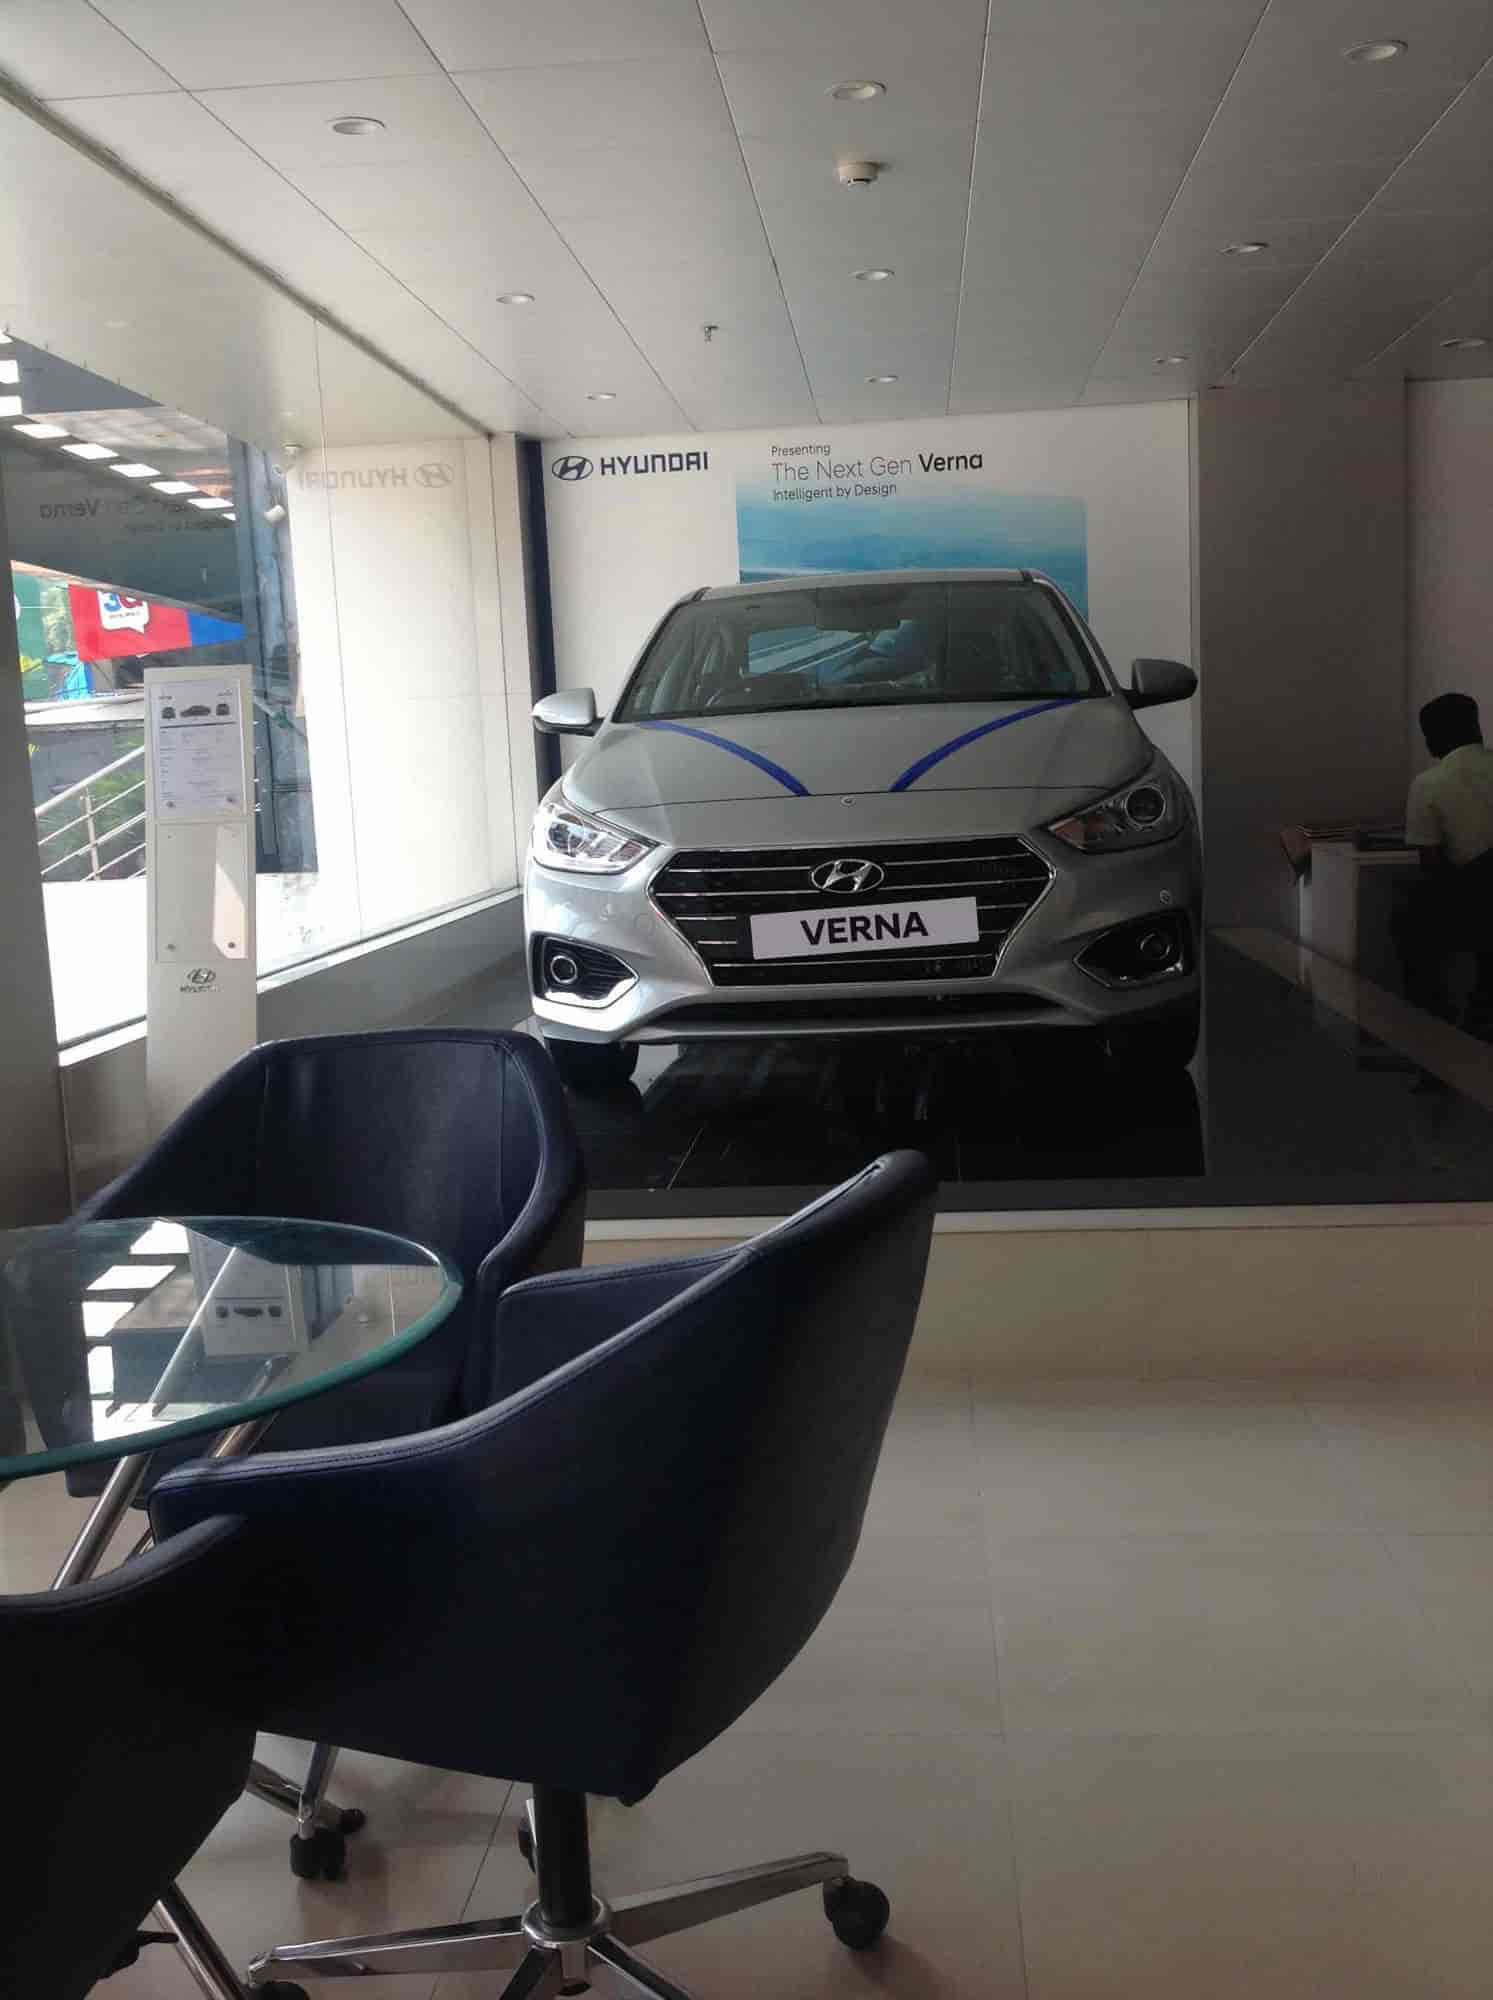 KVR Hyundai Mavoor Road Car Dealers Hyundai in Kozhikode Justdial